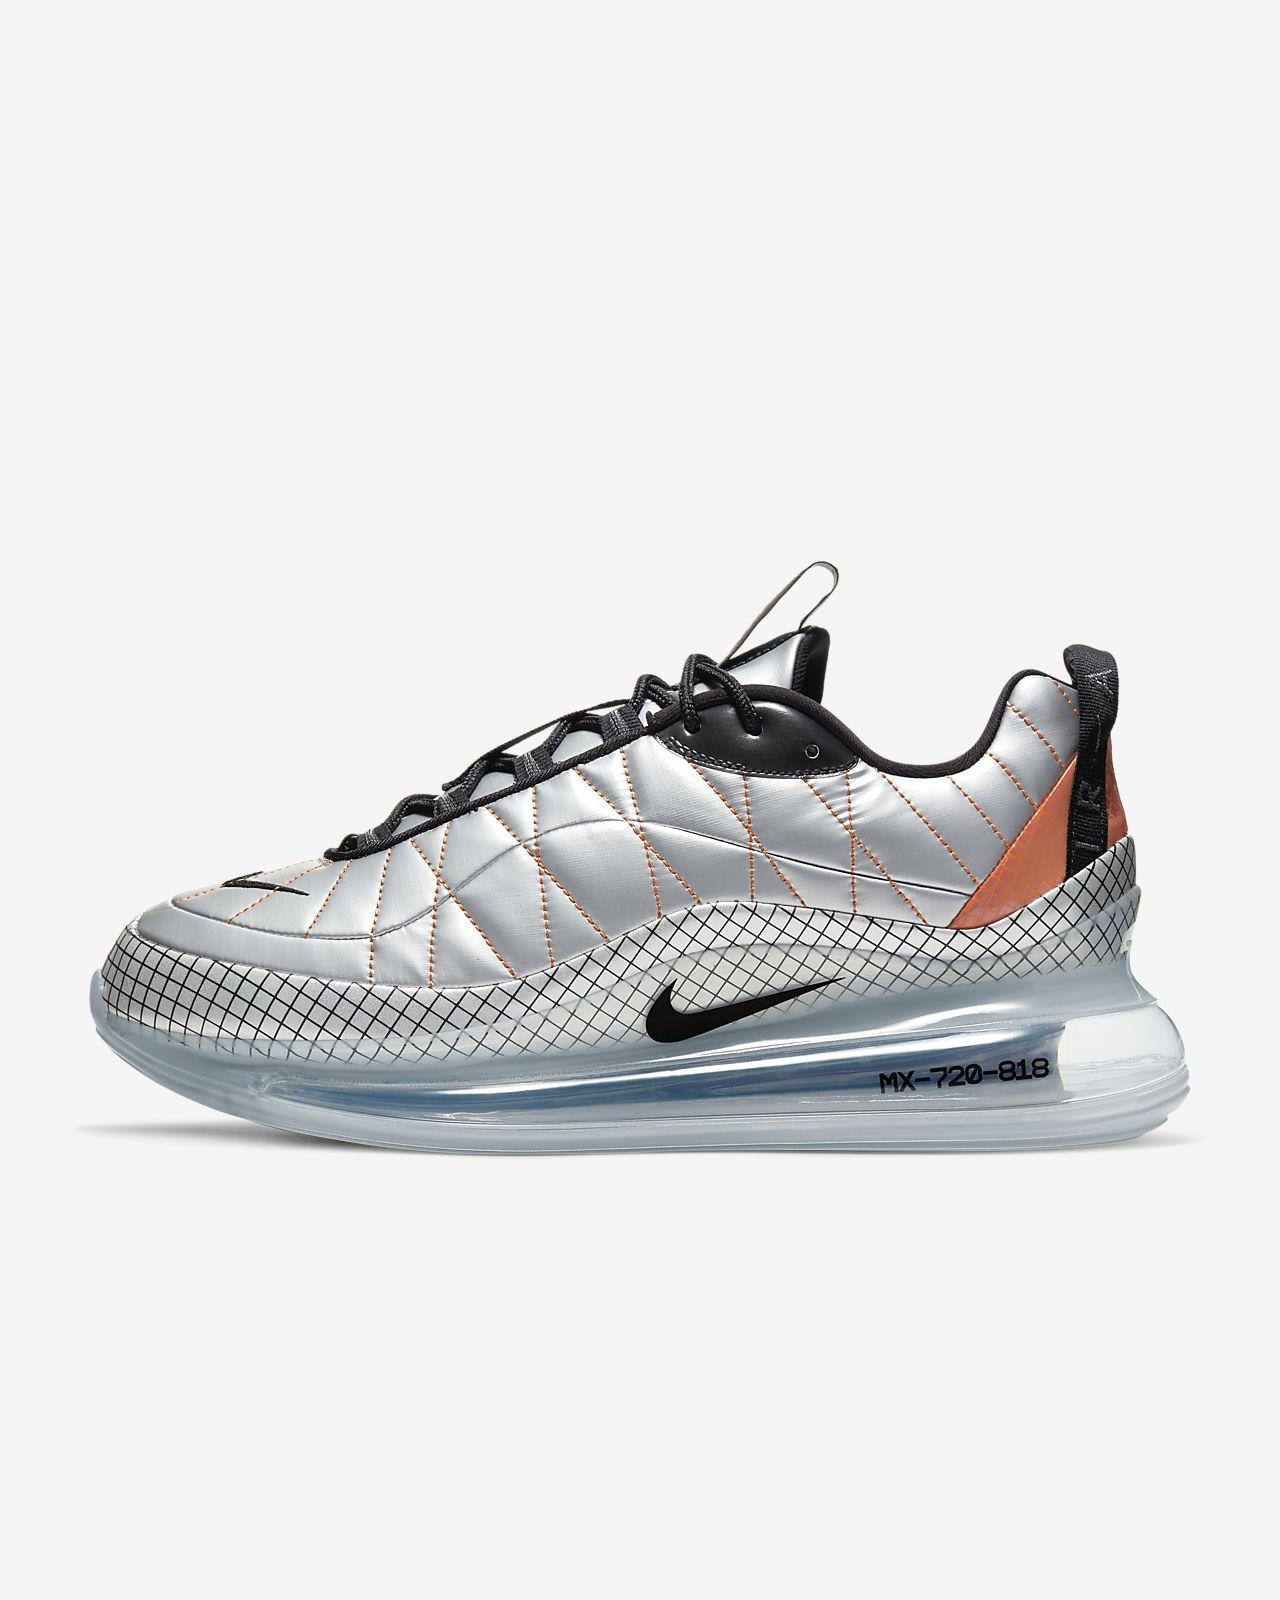 Ανδρικό παπούτσι Nike MX-720-818